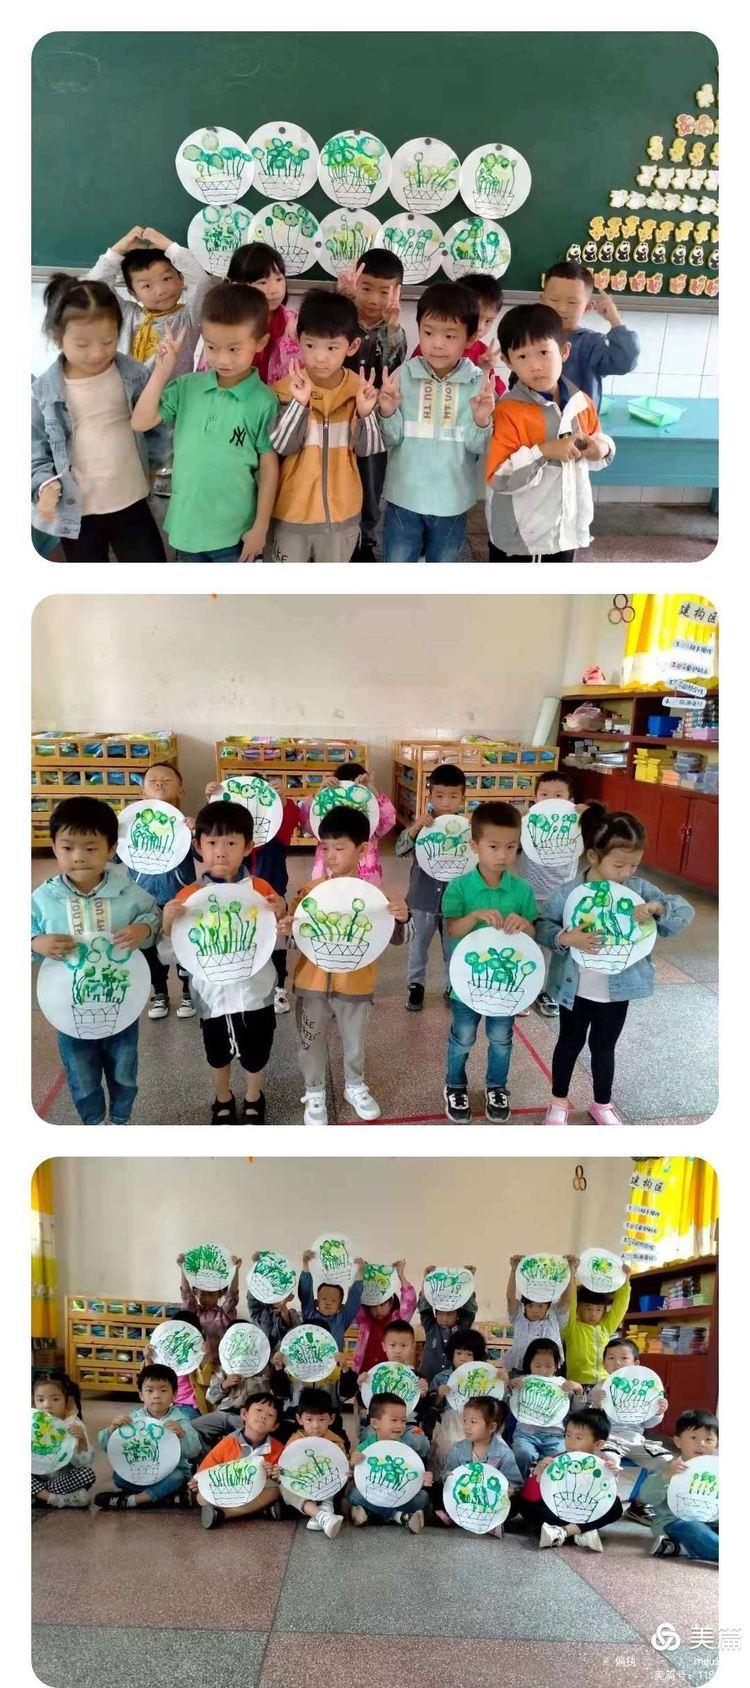 云开放,童精彩——石山嘴小学幼儿园中一班家长公开课活动